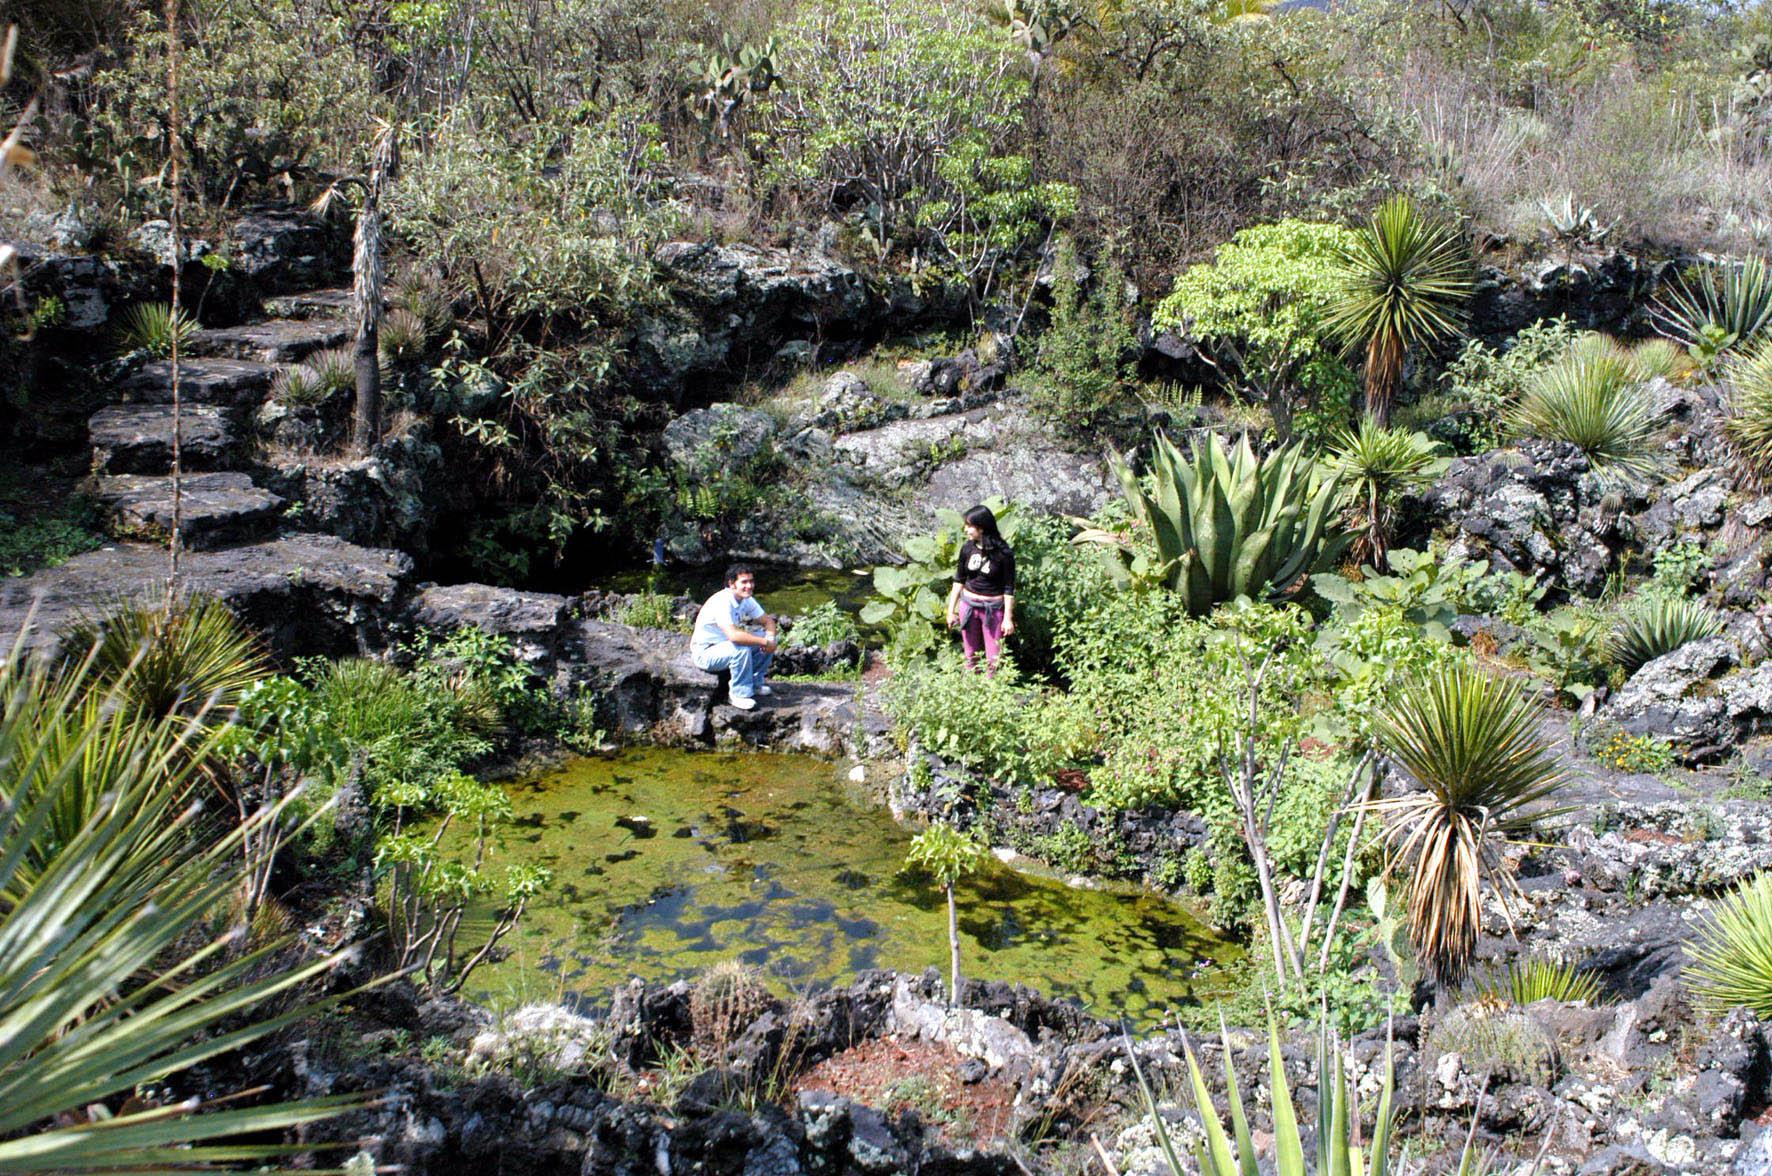 Amplia y creativa oferta vacacional en el jard n bot nico for Jardin botanico medicinal